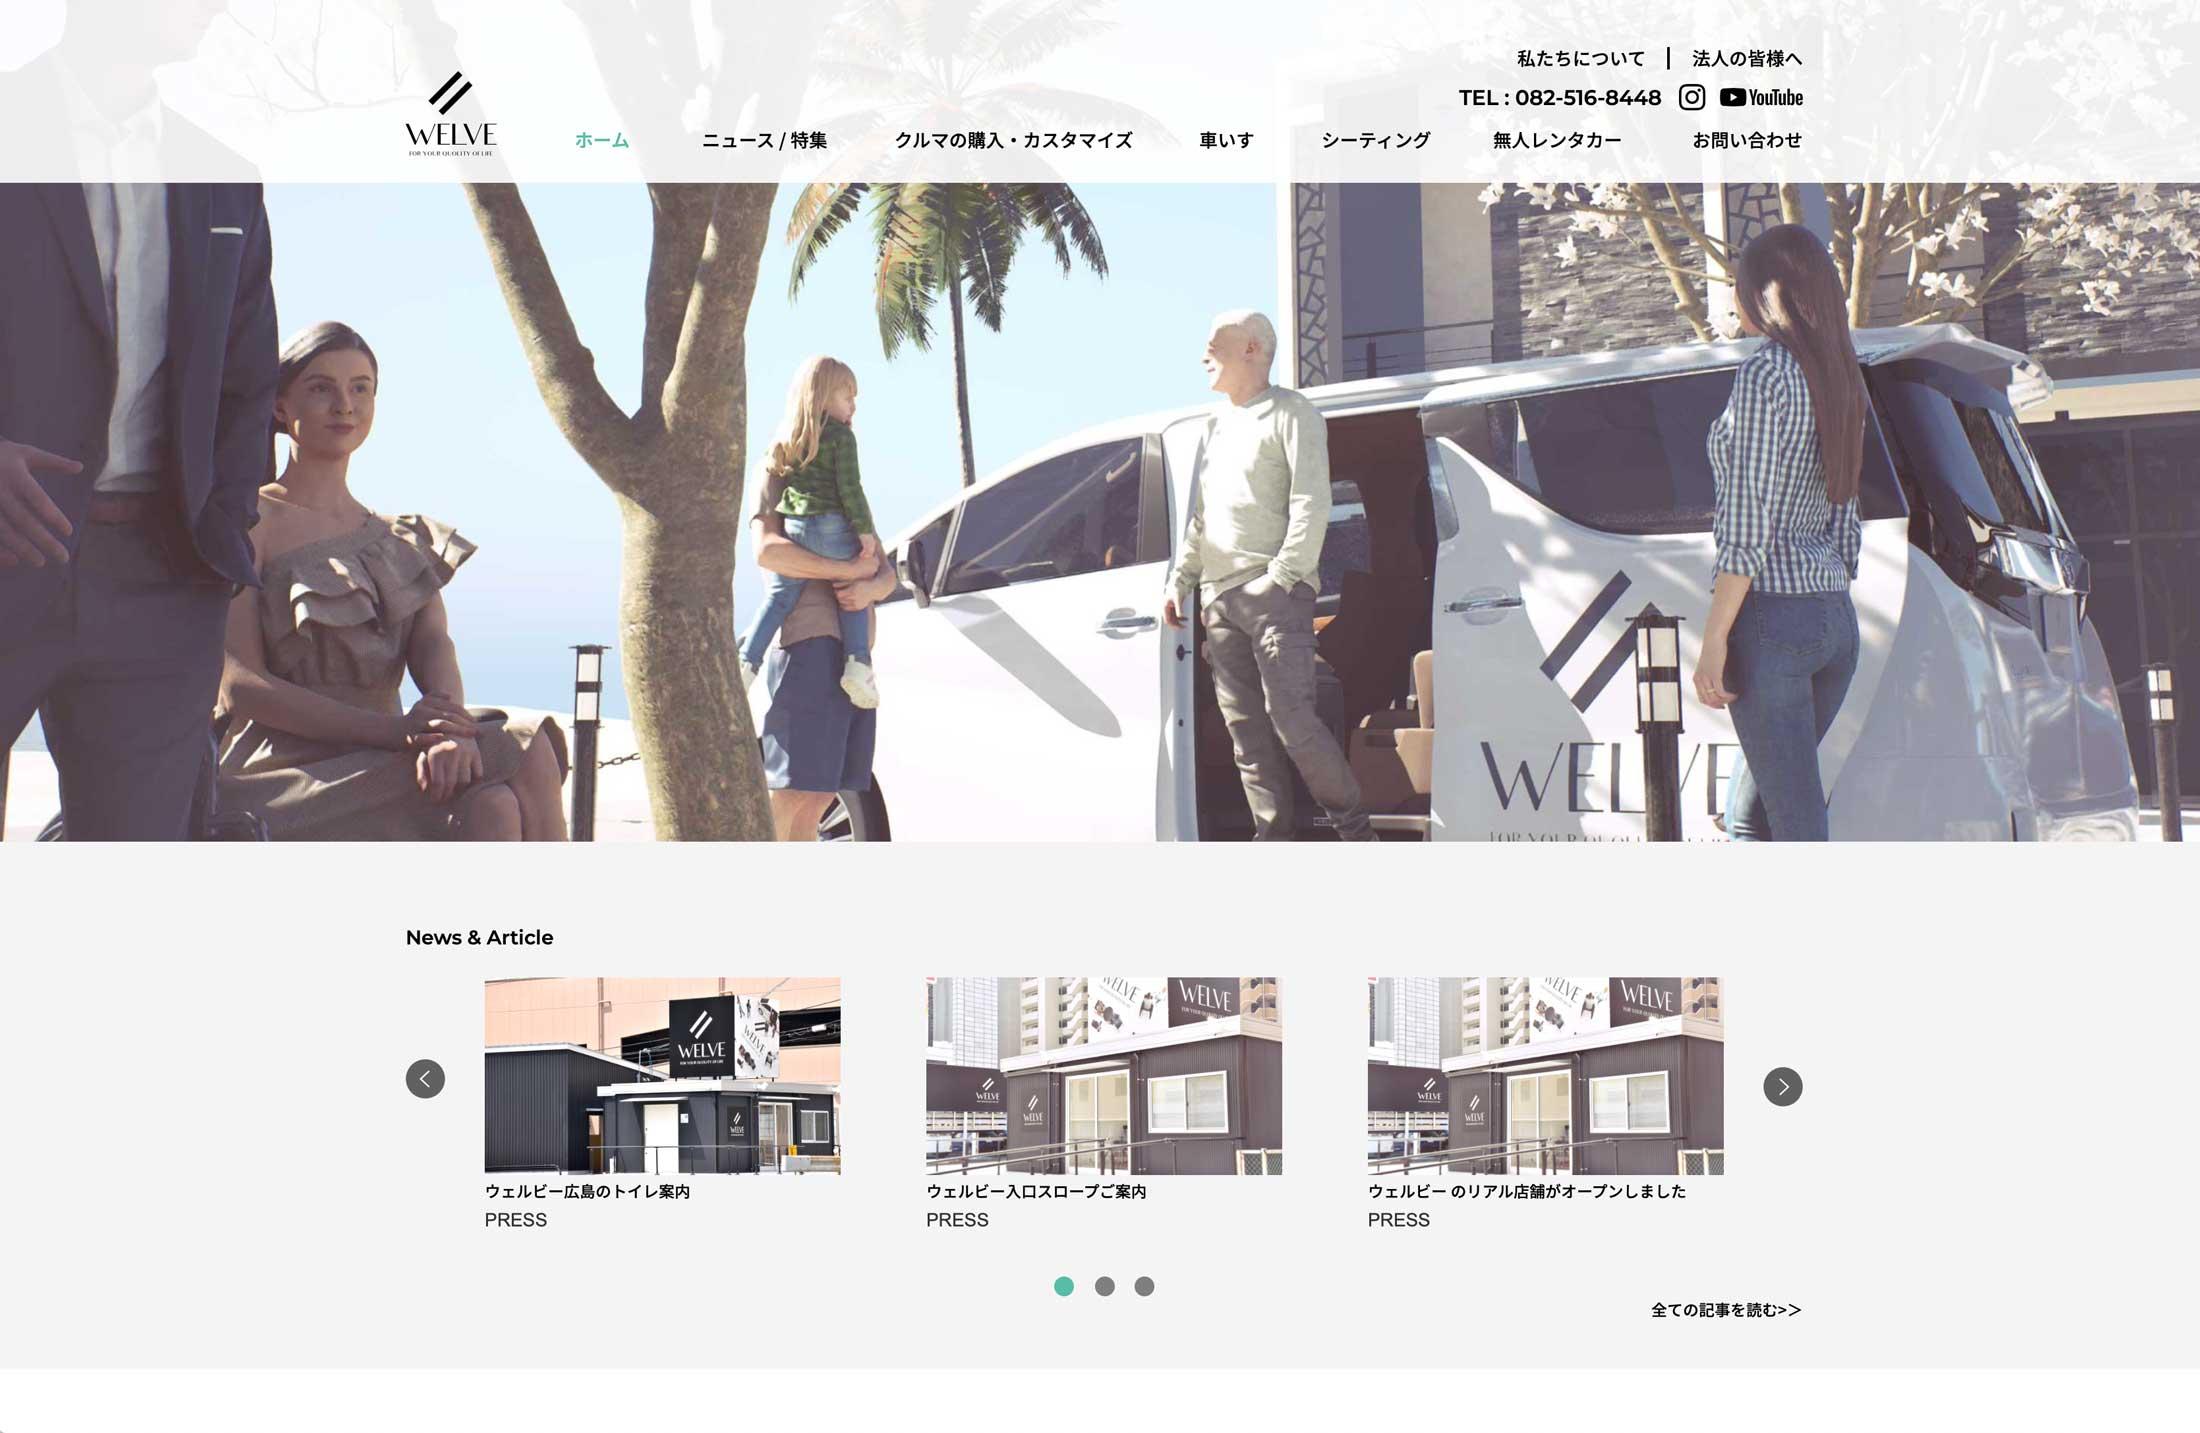 ウェルビー広島株式会社ホームページ